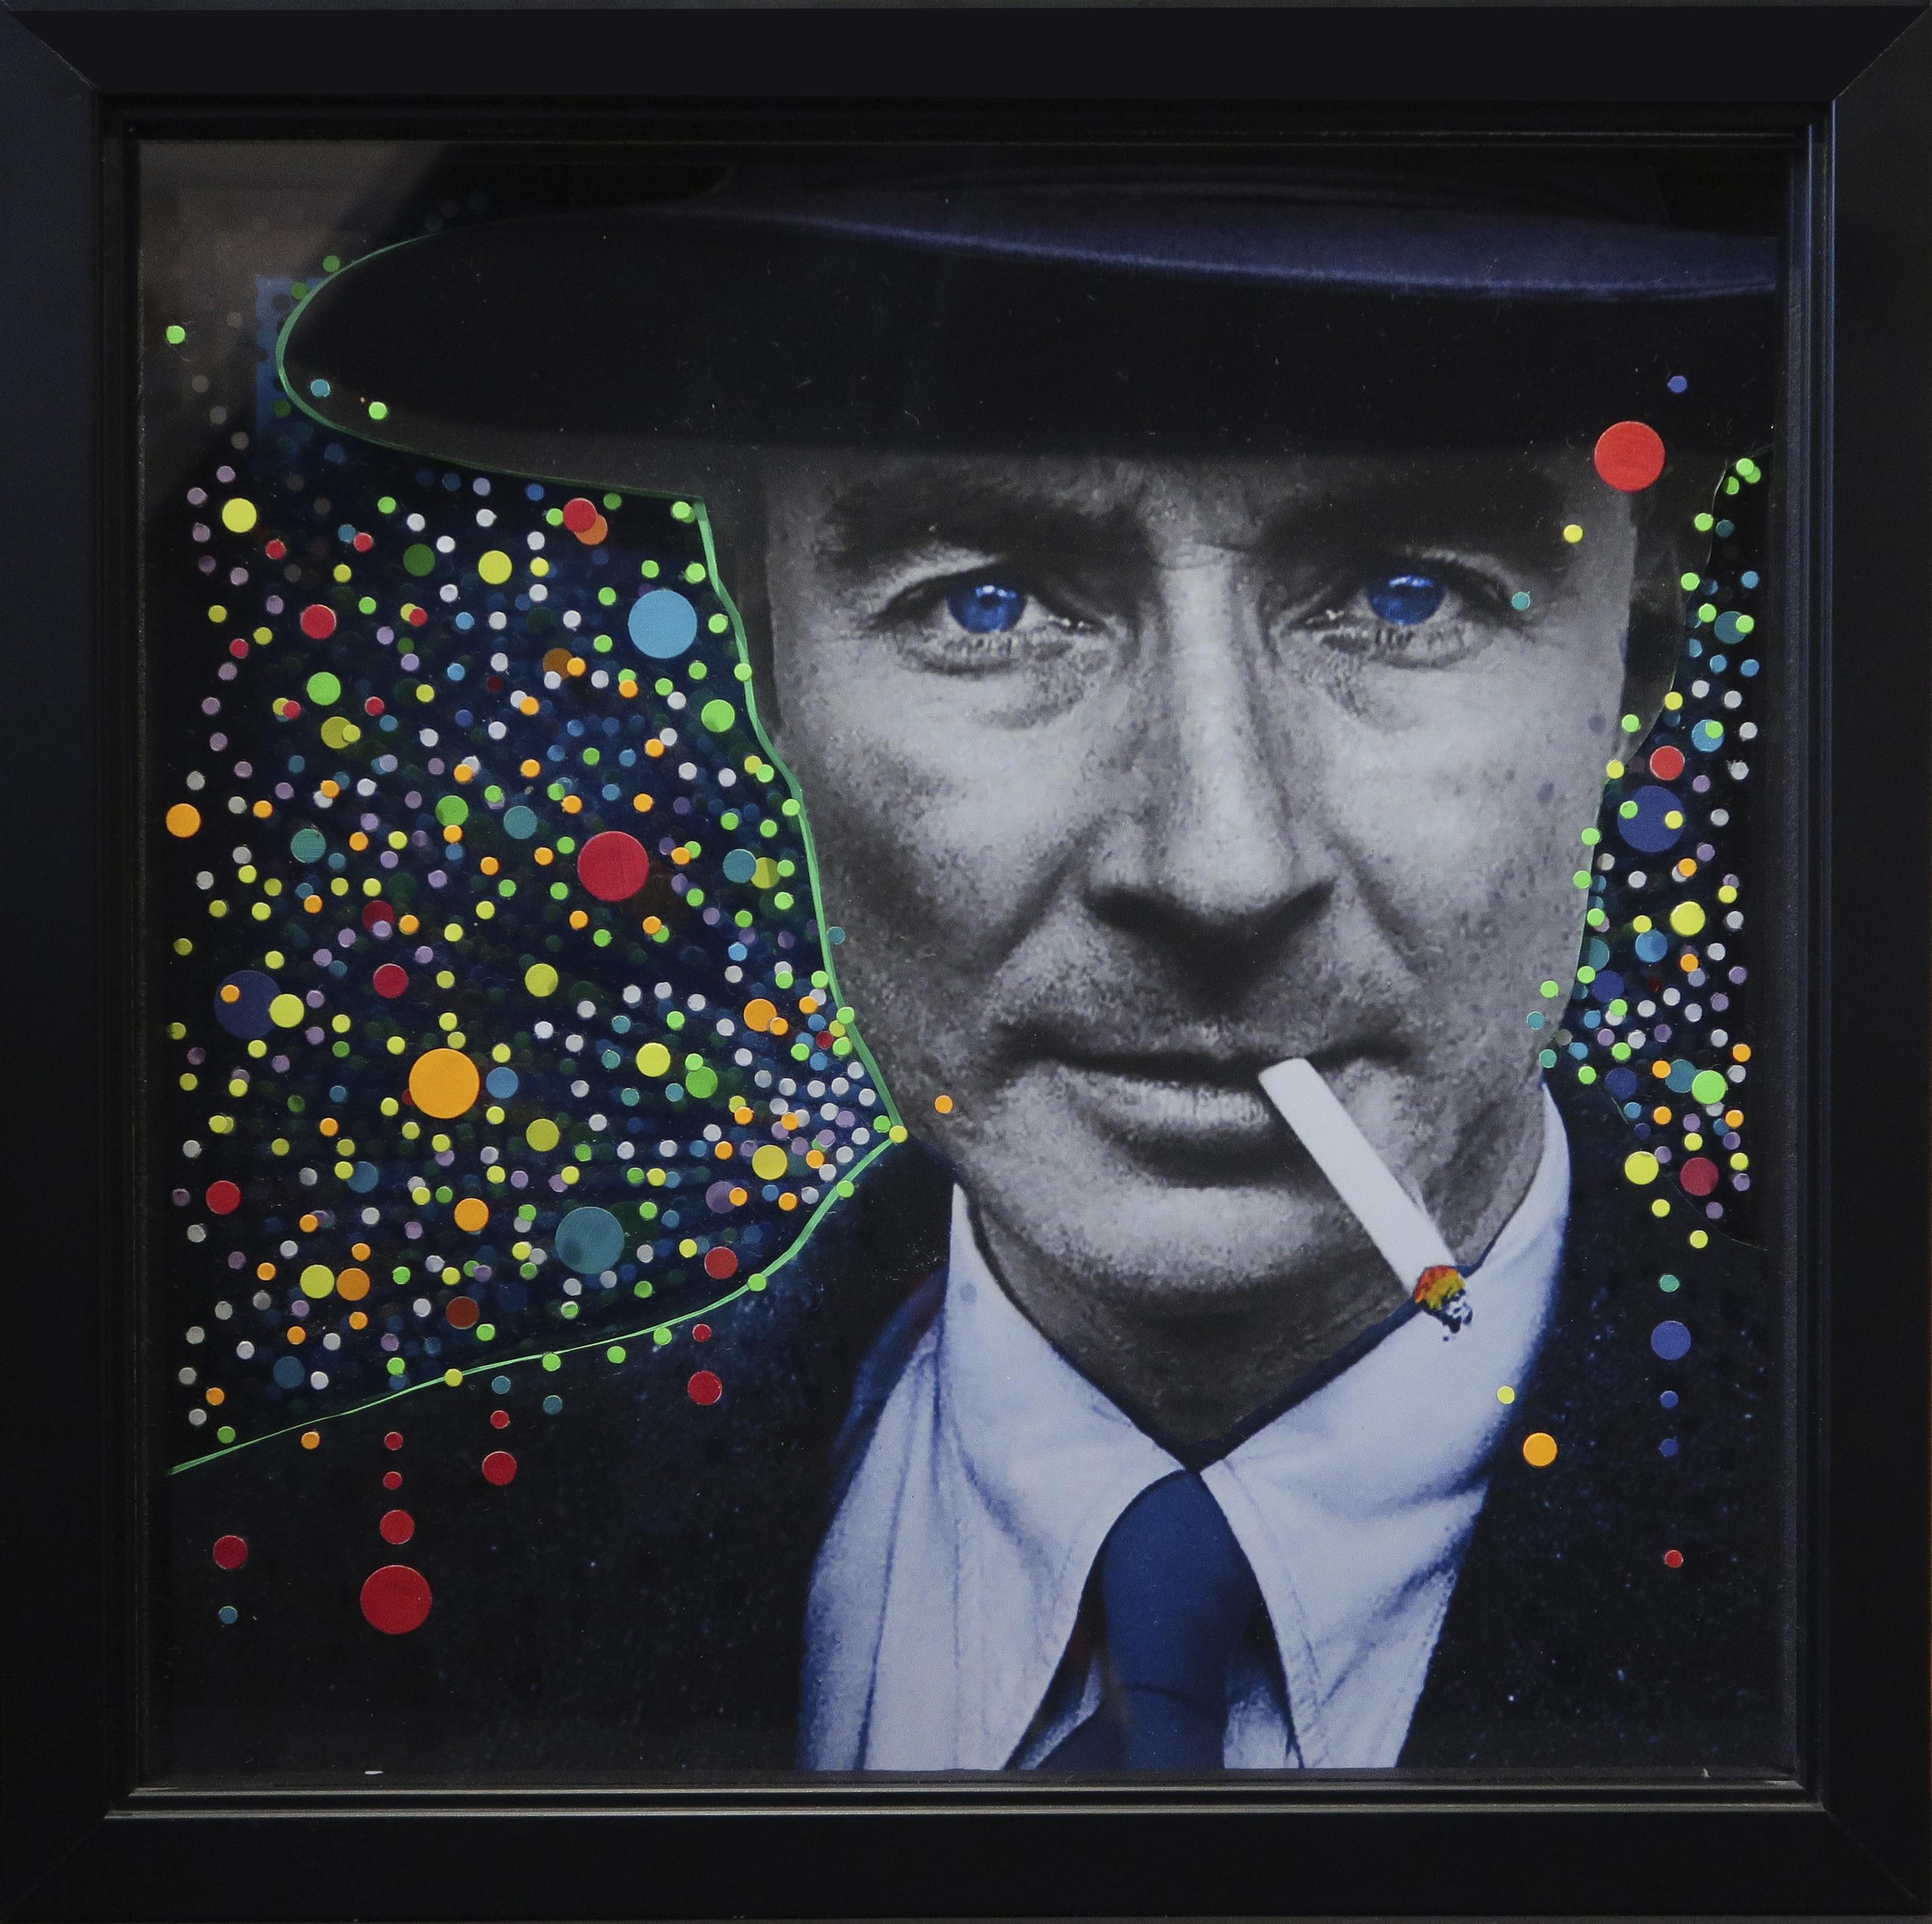 J.Robt.Oppenheimer – Smoker